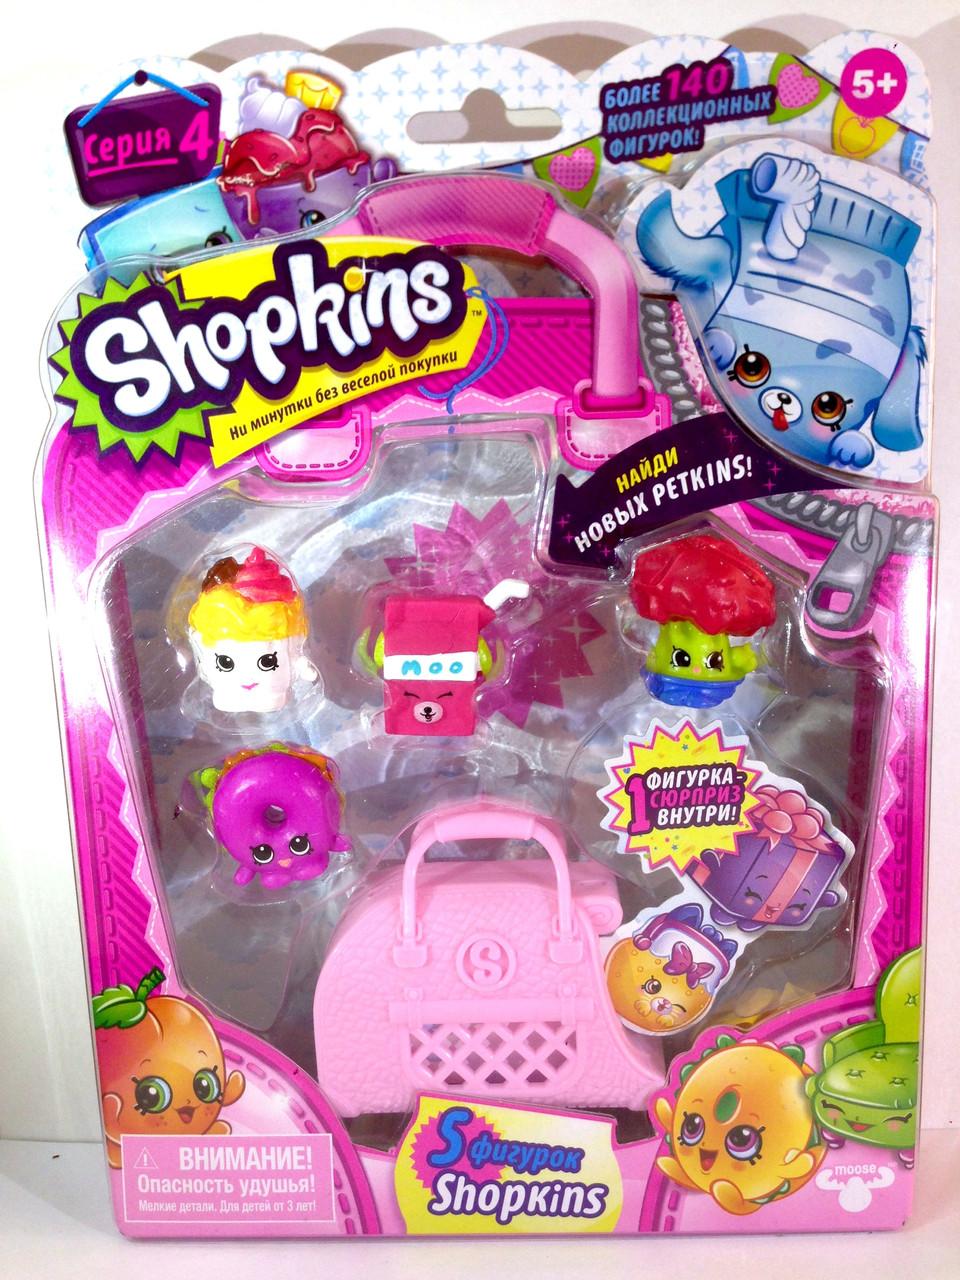 Shopkins, Шопкинс (4 сезон) 5 игрушек в упаковке (морожное)